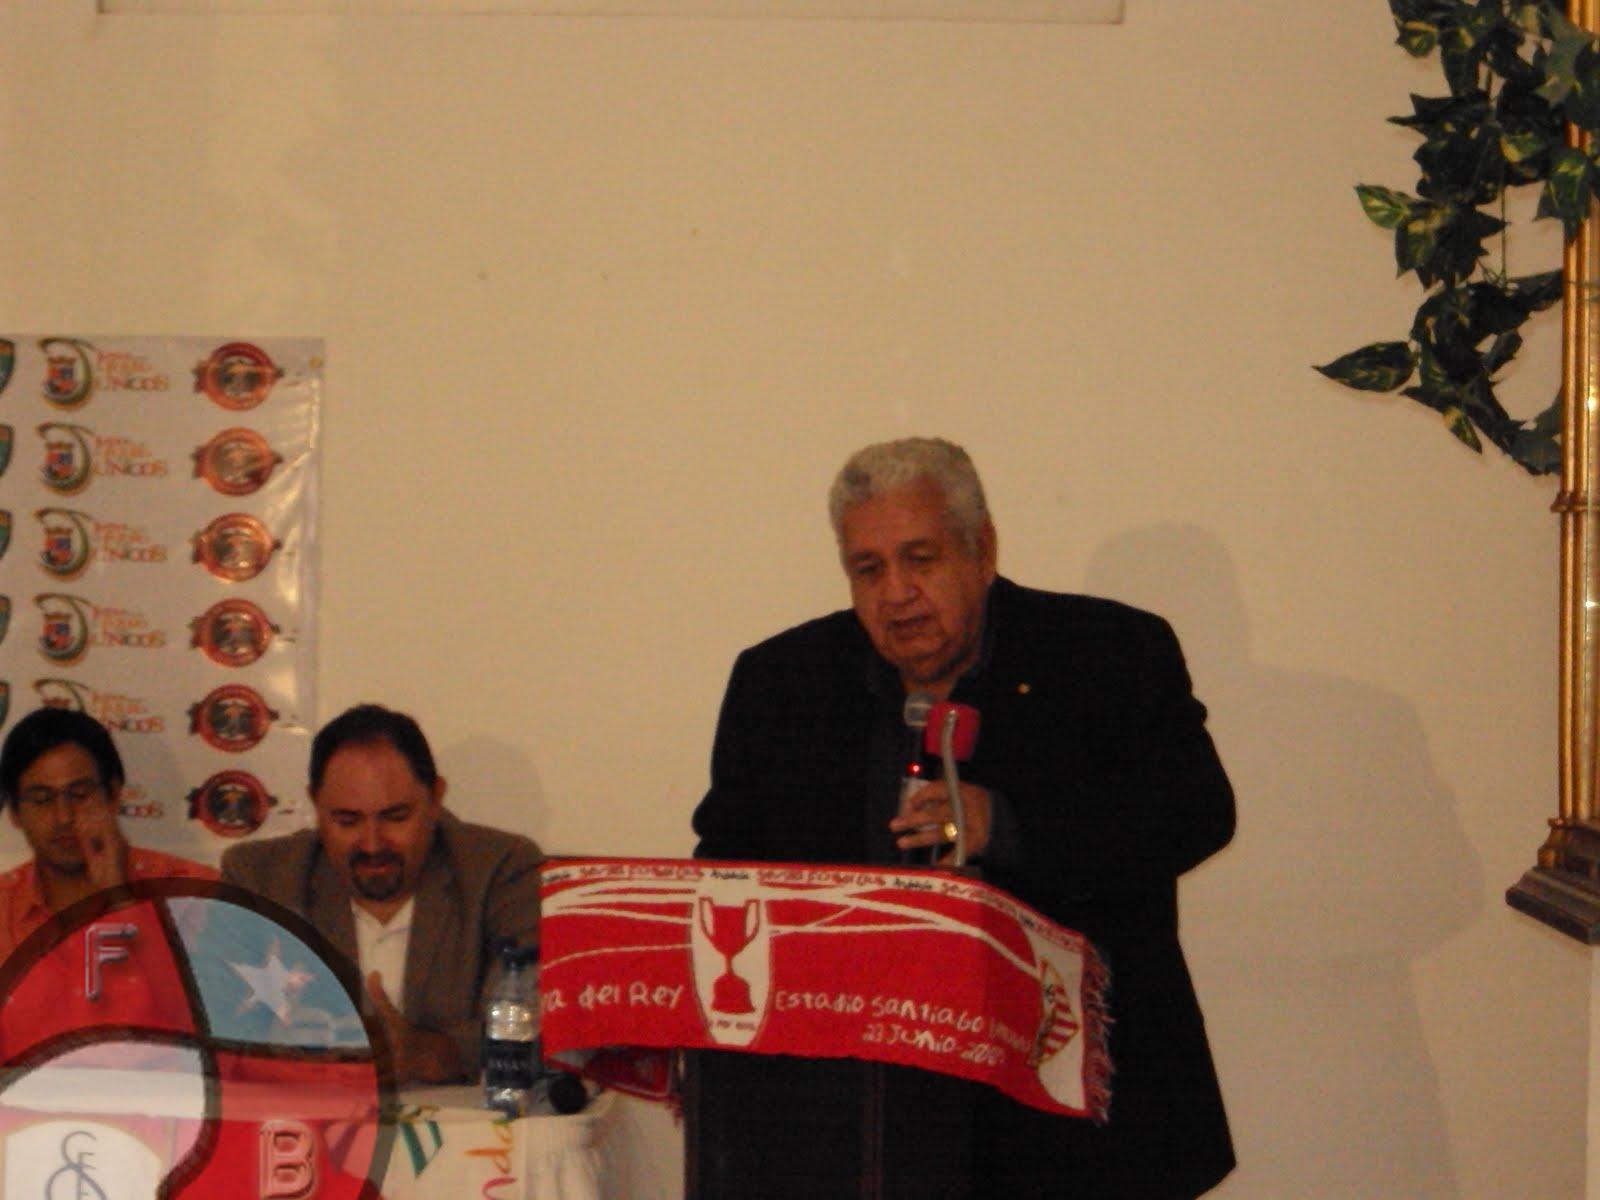 José Serralta en conferencia de prensa con el Sevilla FC Puerto RIco mientras era presidente de la FPF. Archivo